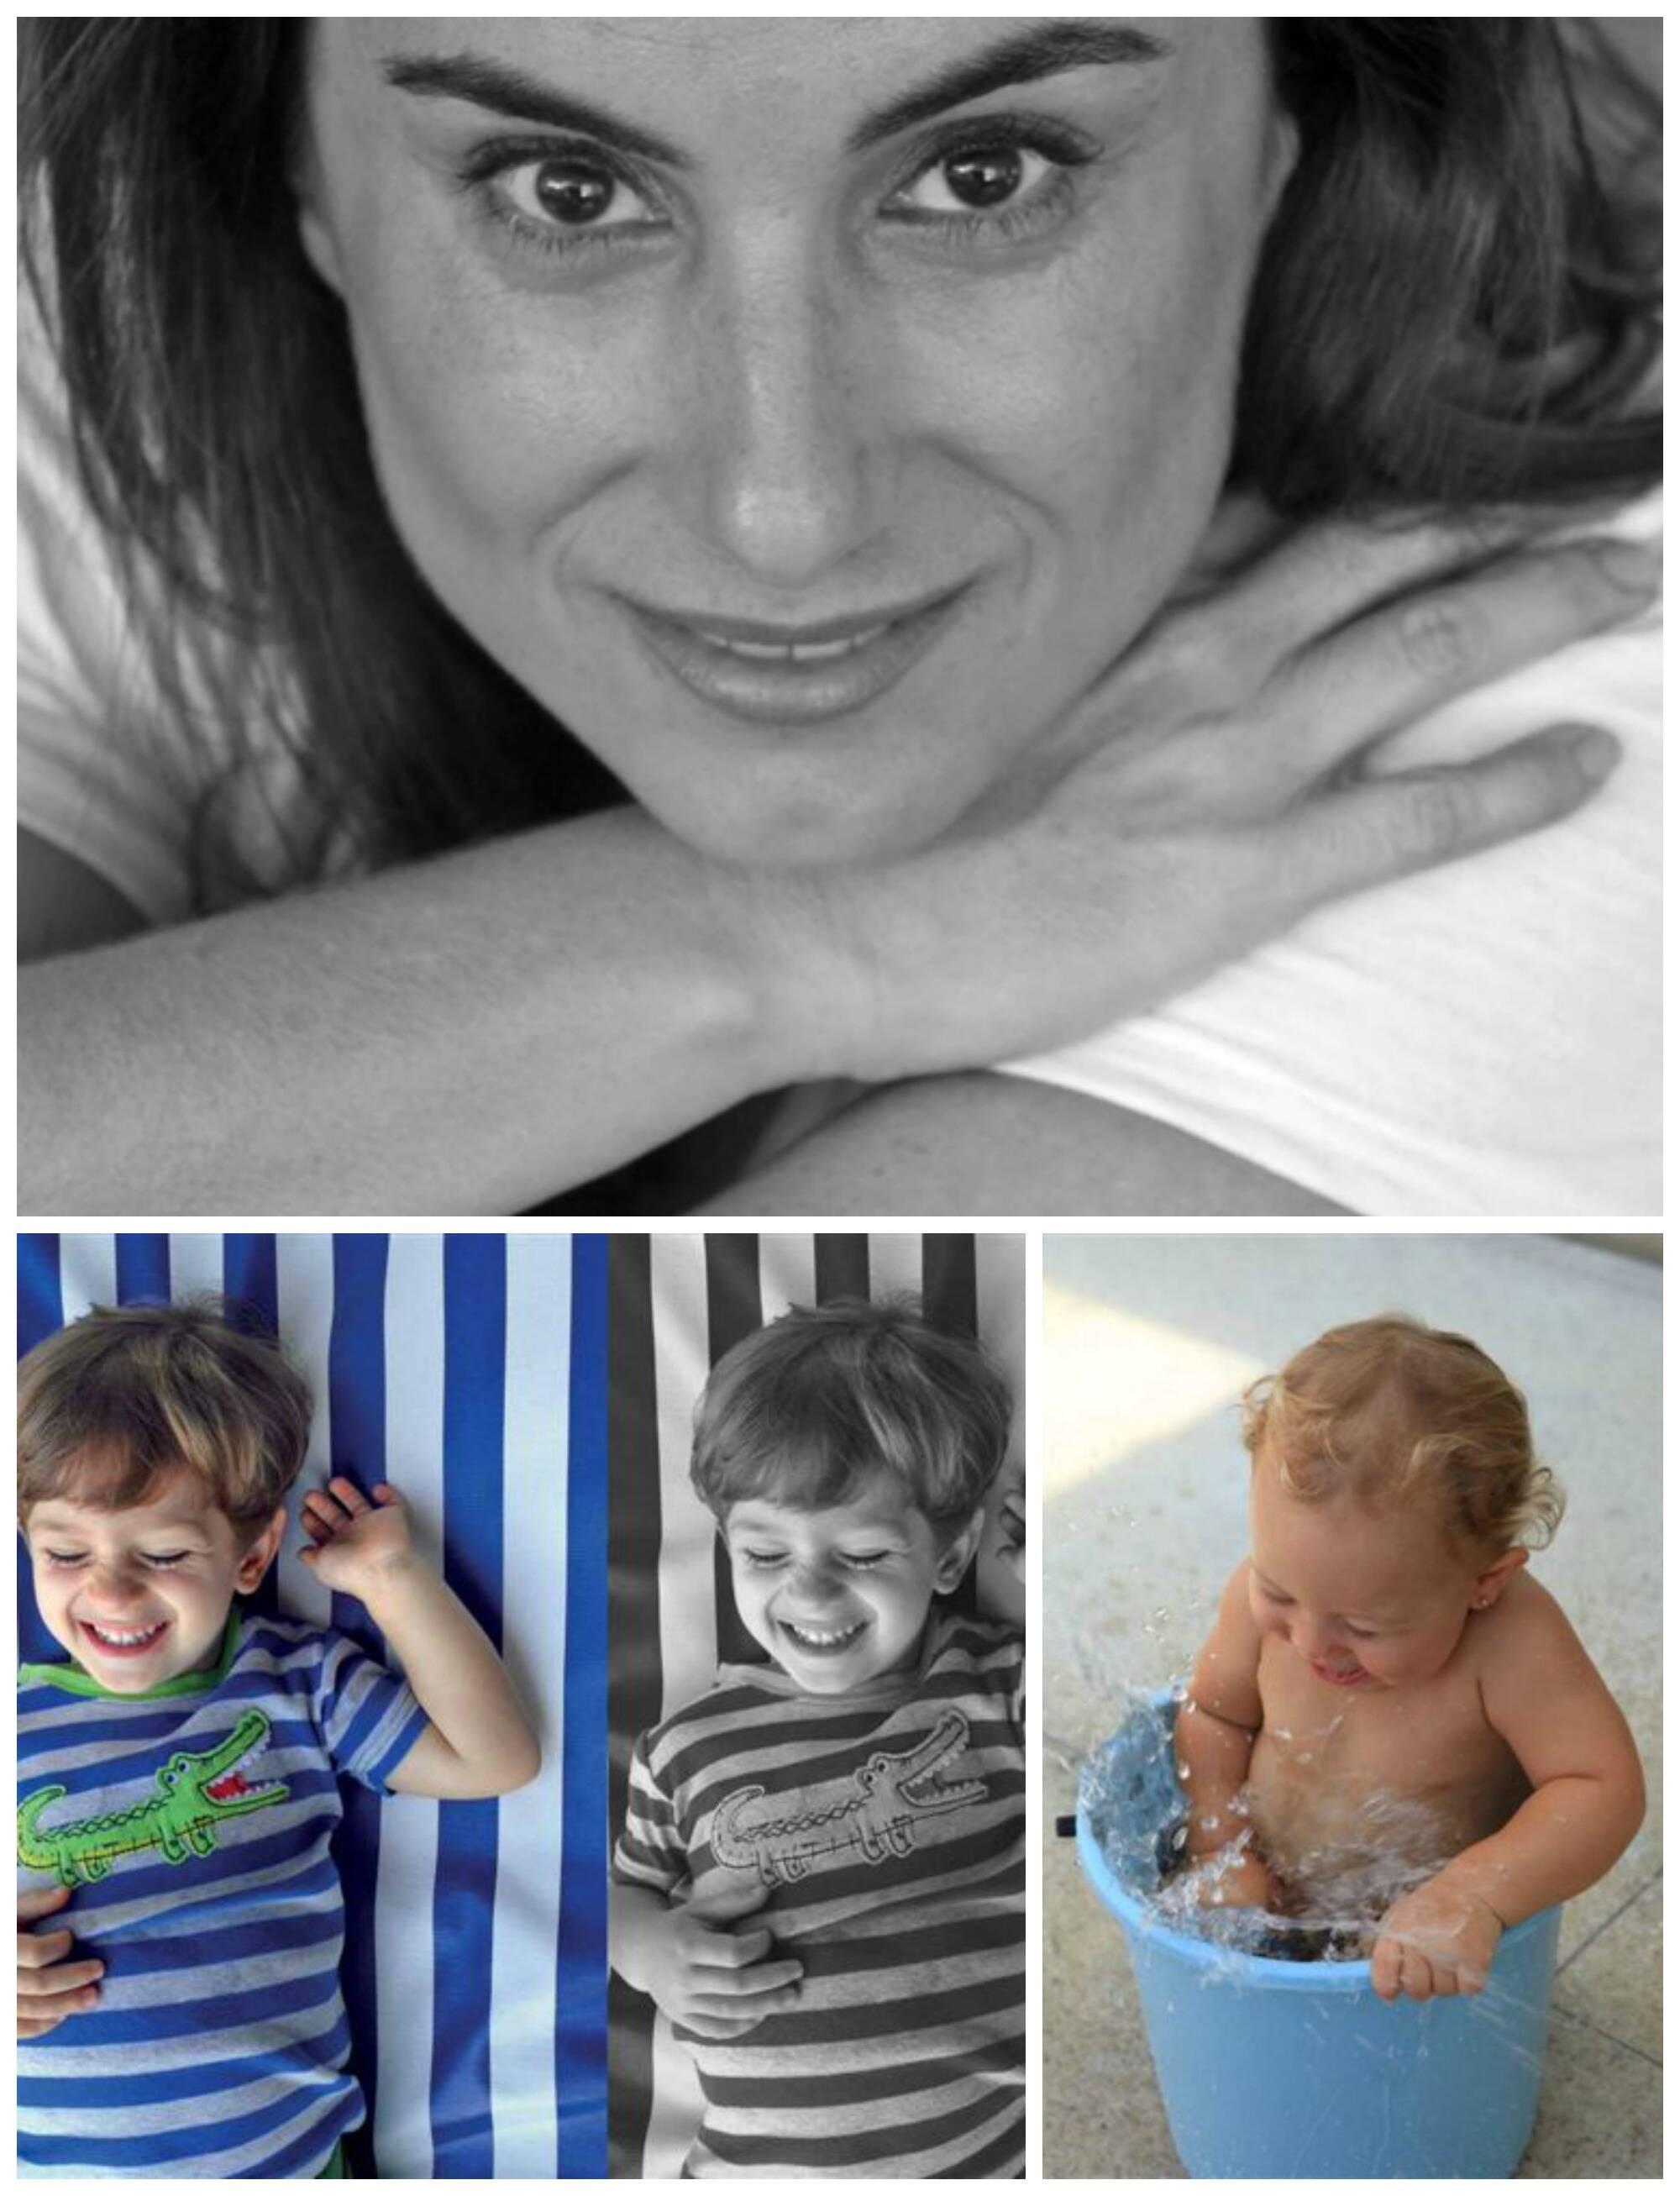 O livro Isabel Becker Fotografias, pela Editora Outras Letras, reúne cliques  em preto e branco e em cor de noivas e retratos de família /Foto: divulgação